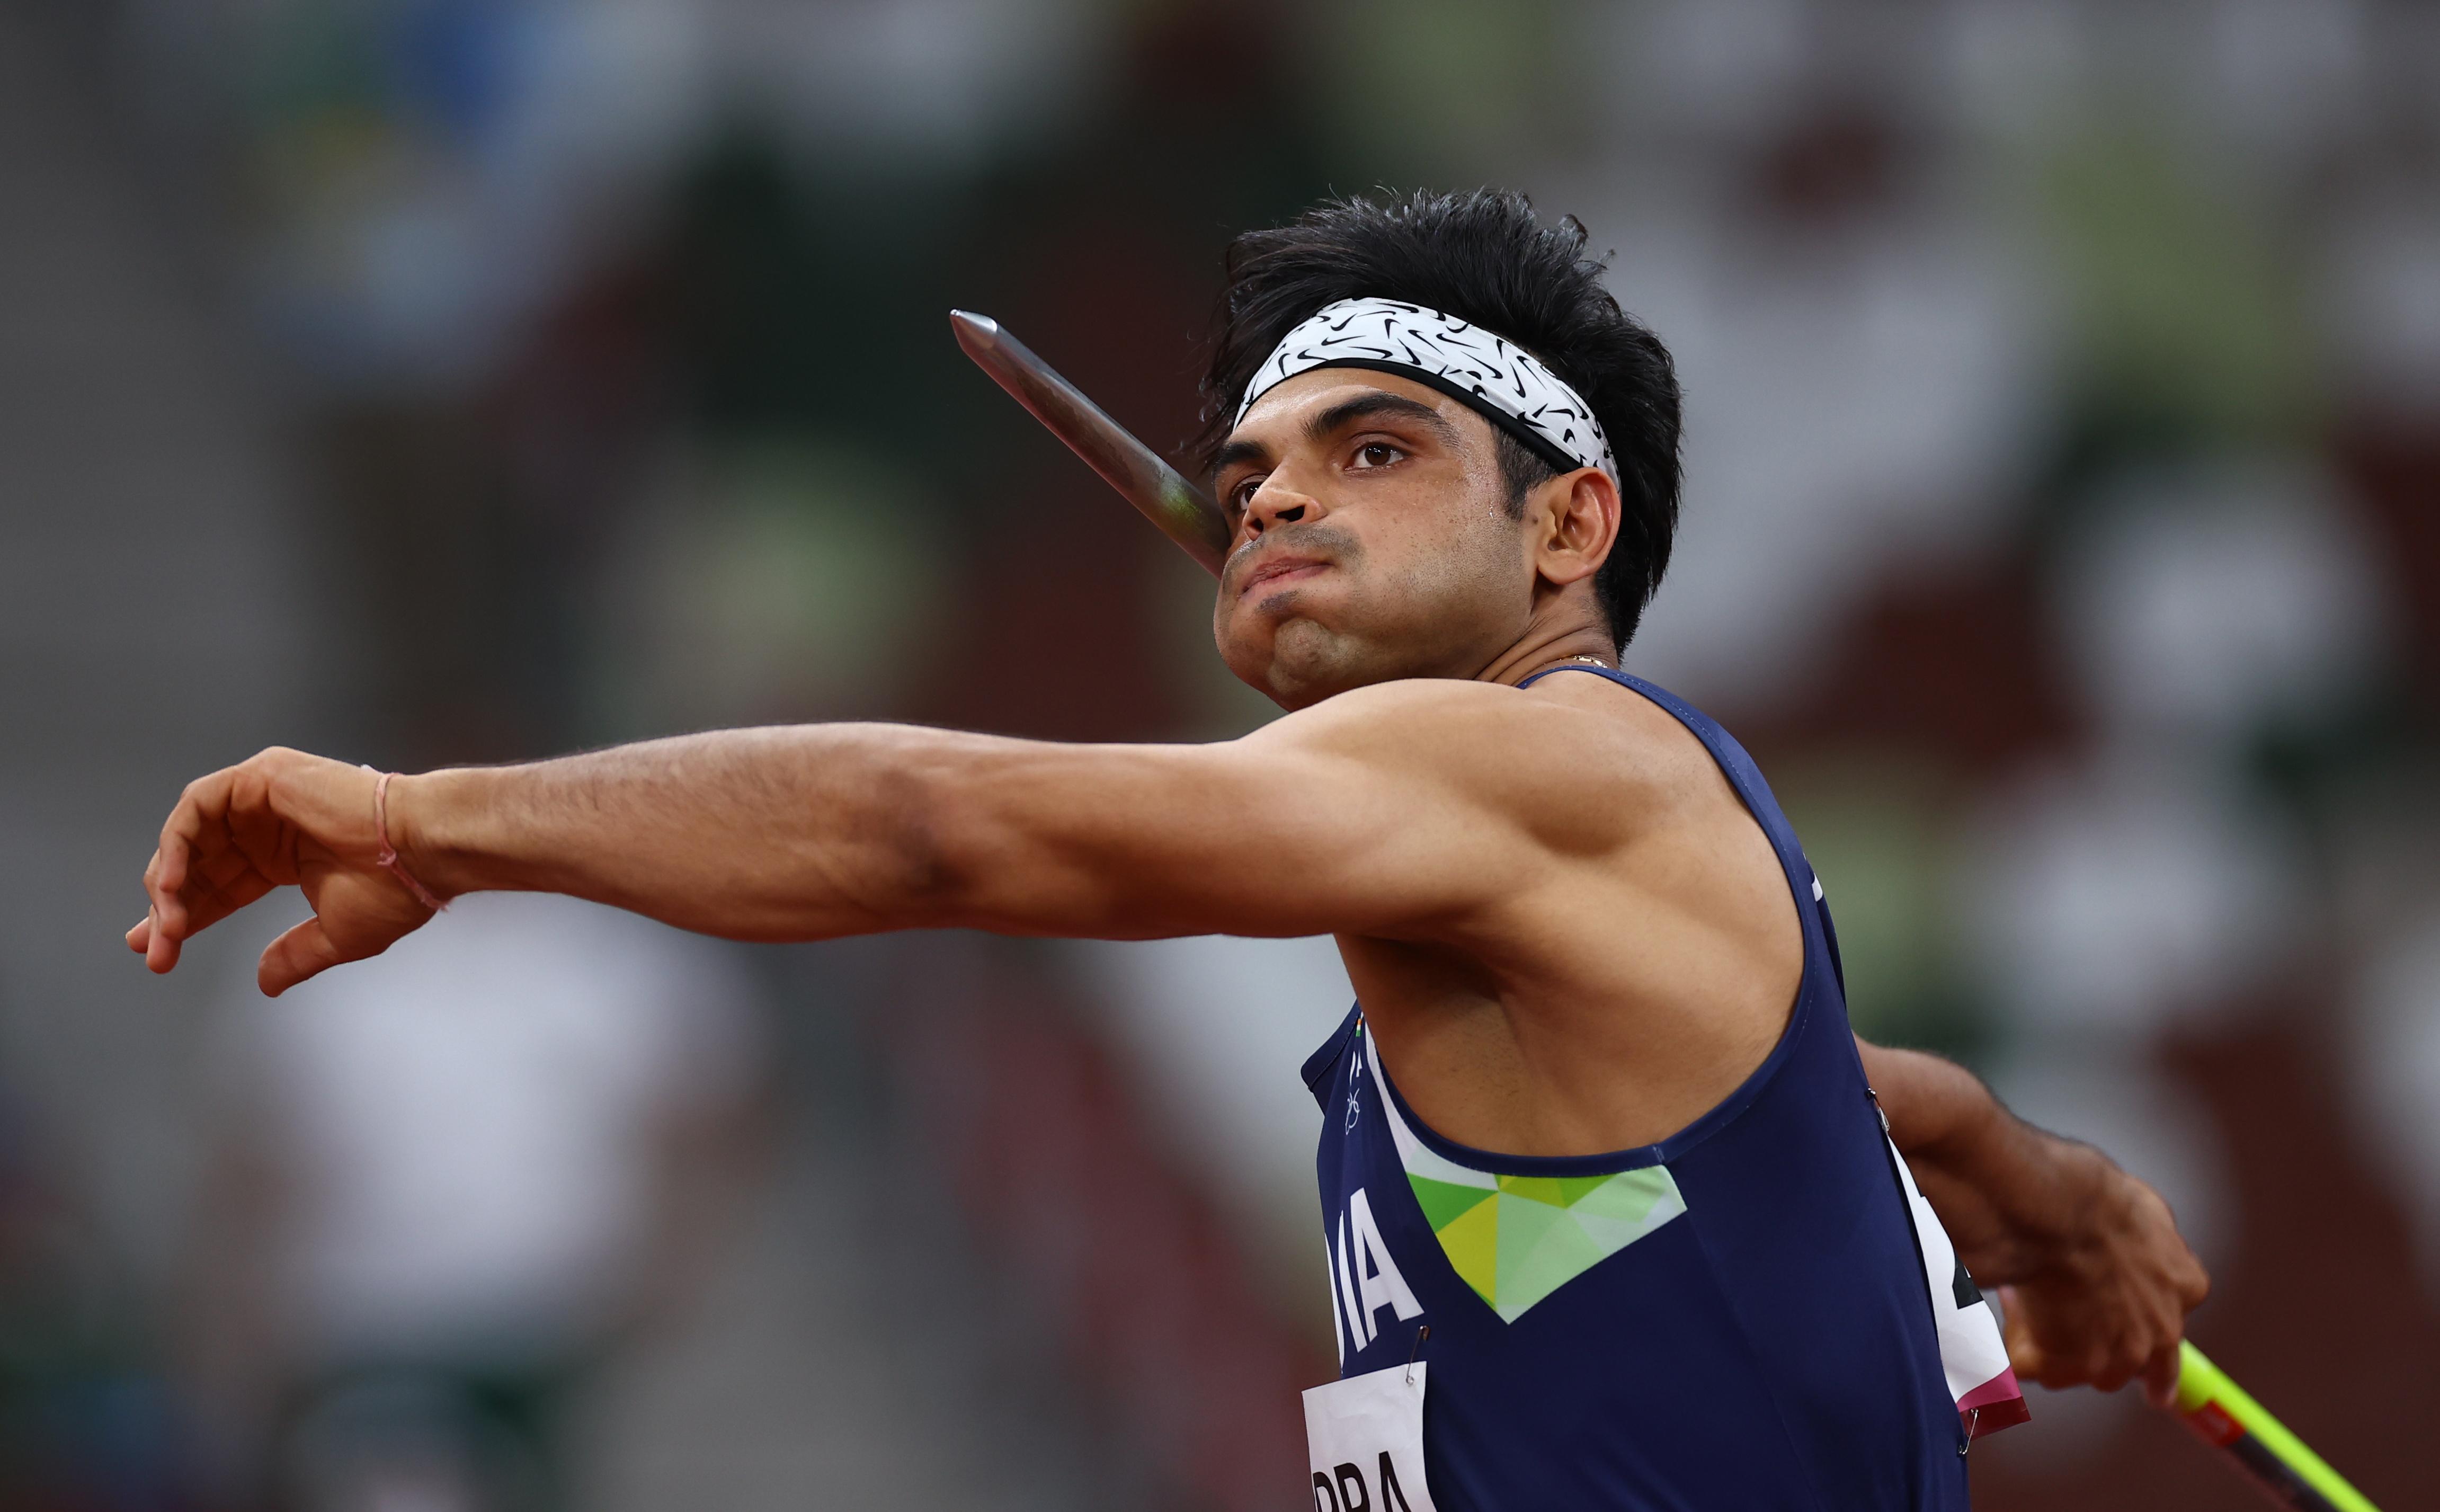 फाइनल इवेंट के दौरान नीरज चोपड़ा। उन्होंने पहले थ्रो में 87.03 मी. और दूसरे थ्रो में 87.58 मी. दूर भाला फेंका।